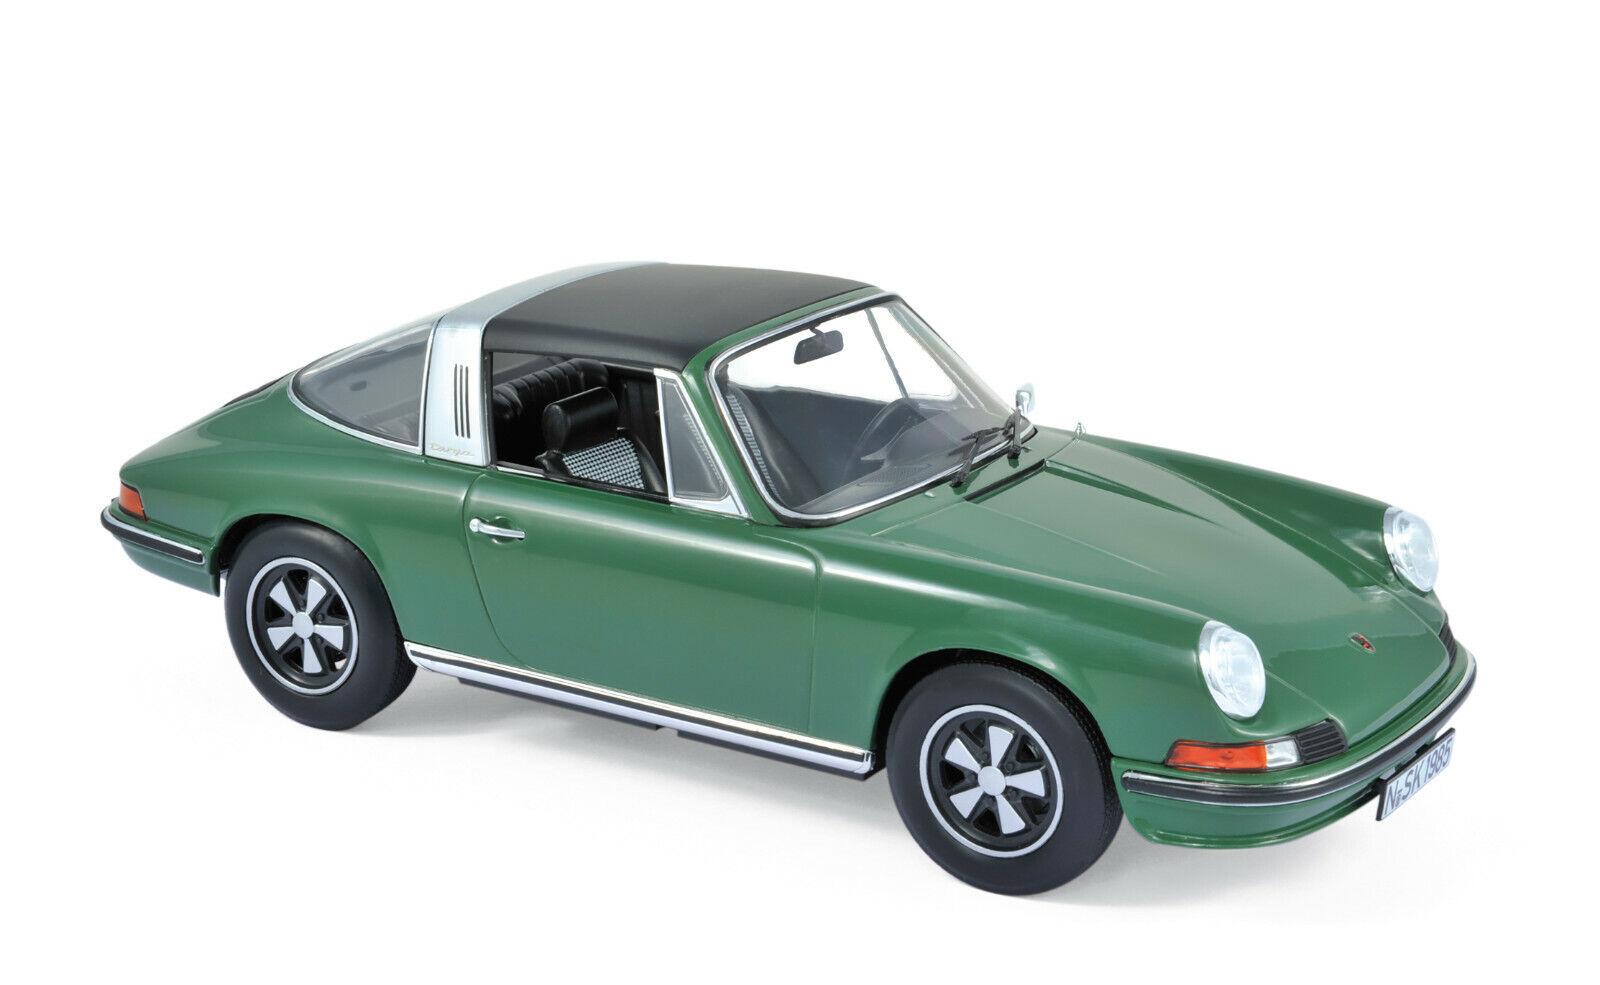 Porsche 911 S Targa Anno 1973 verde Scala 1 18 di Norev